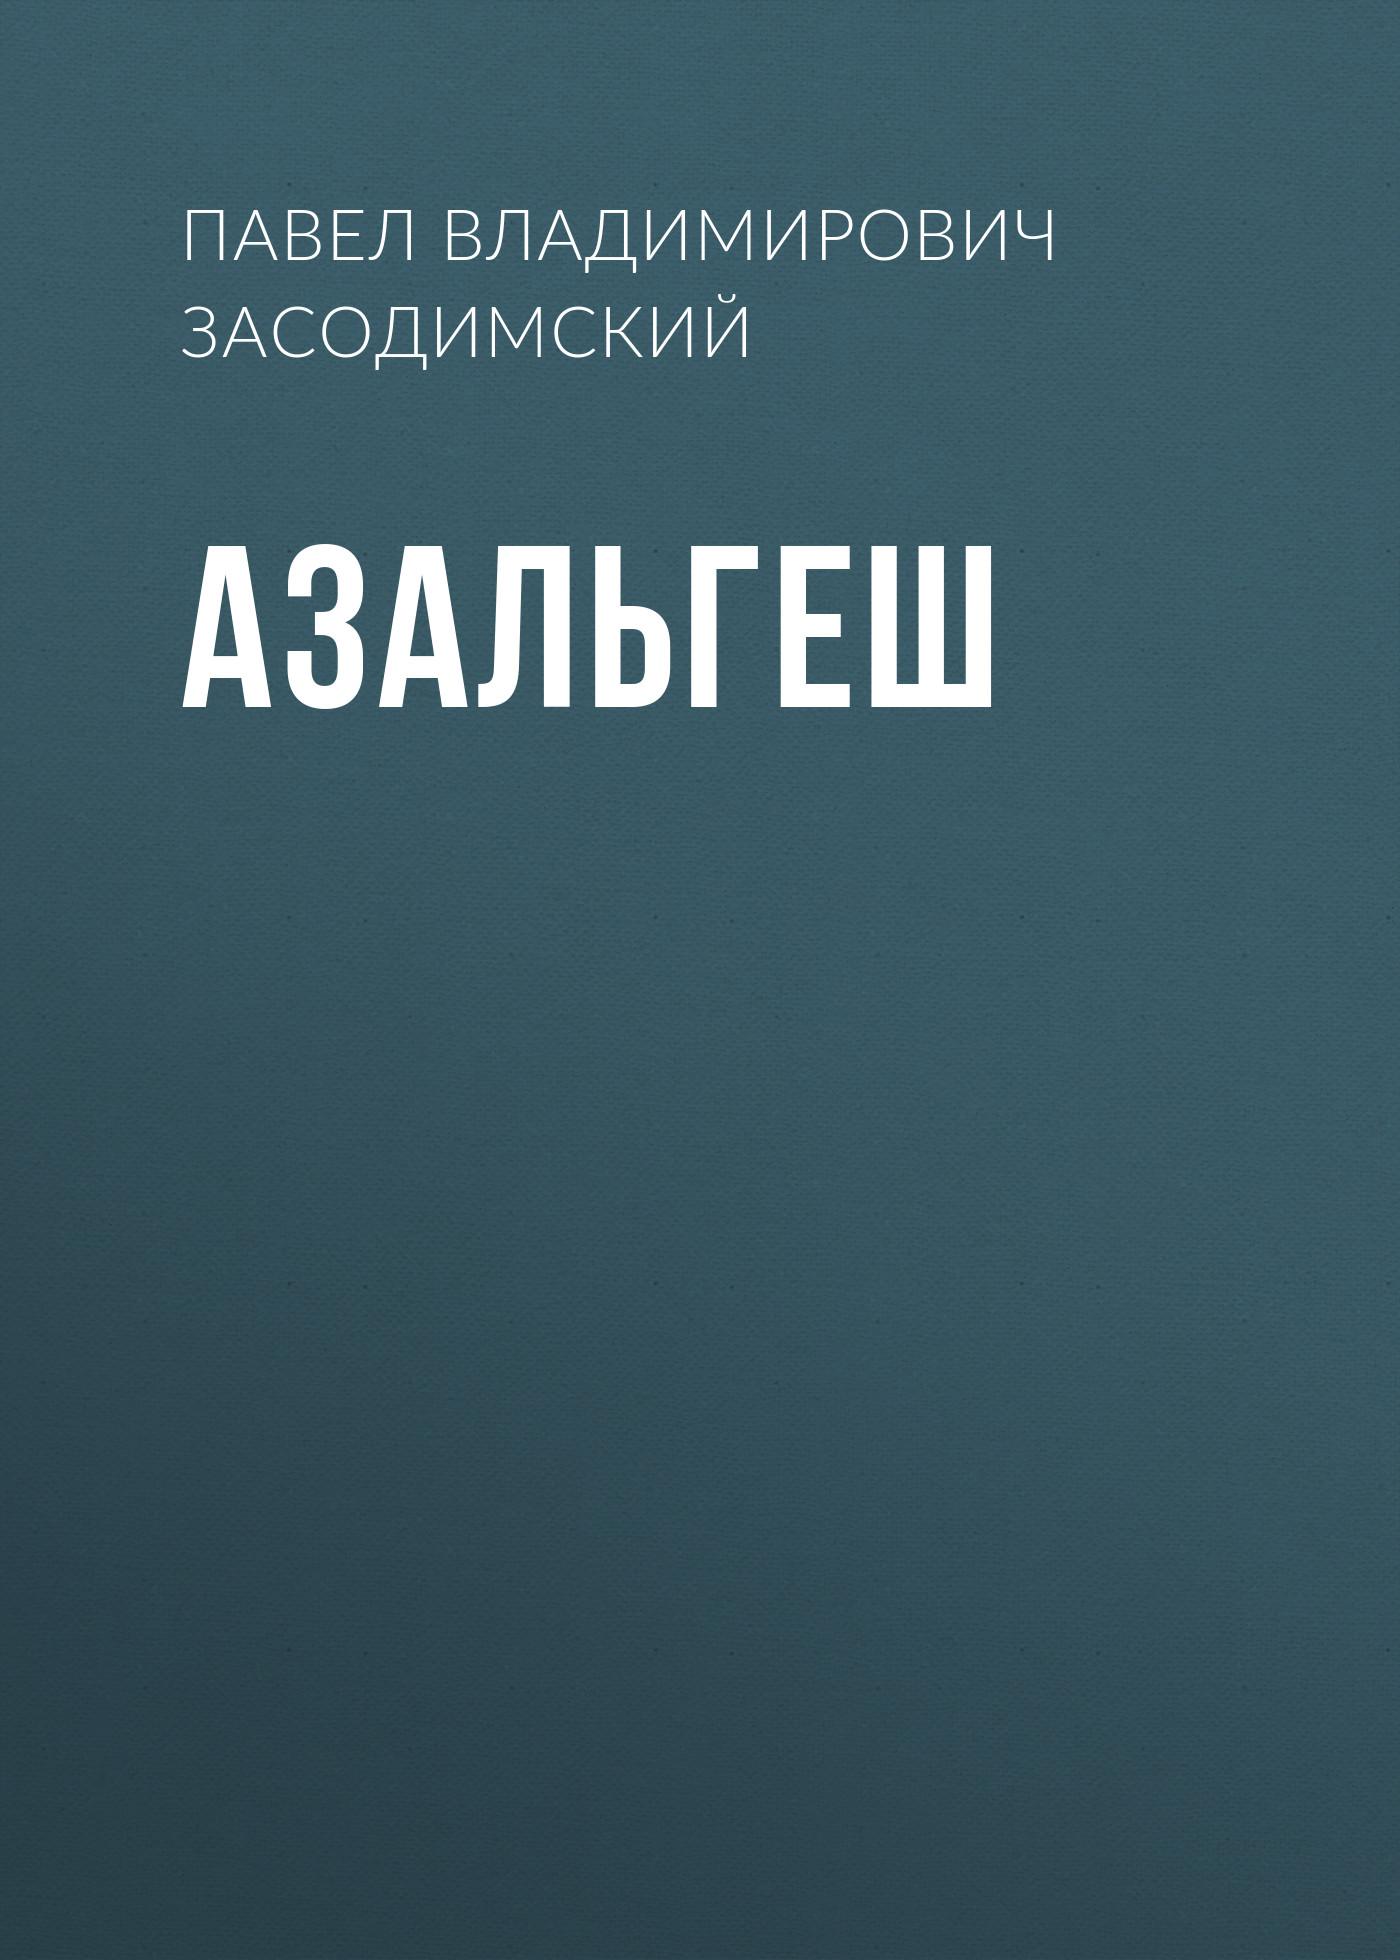 Азальгеш